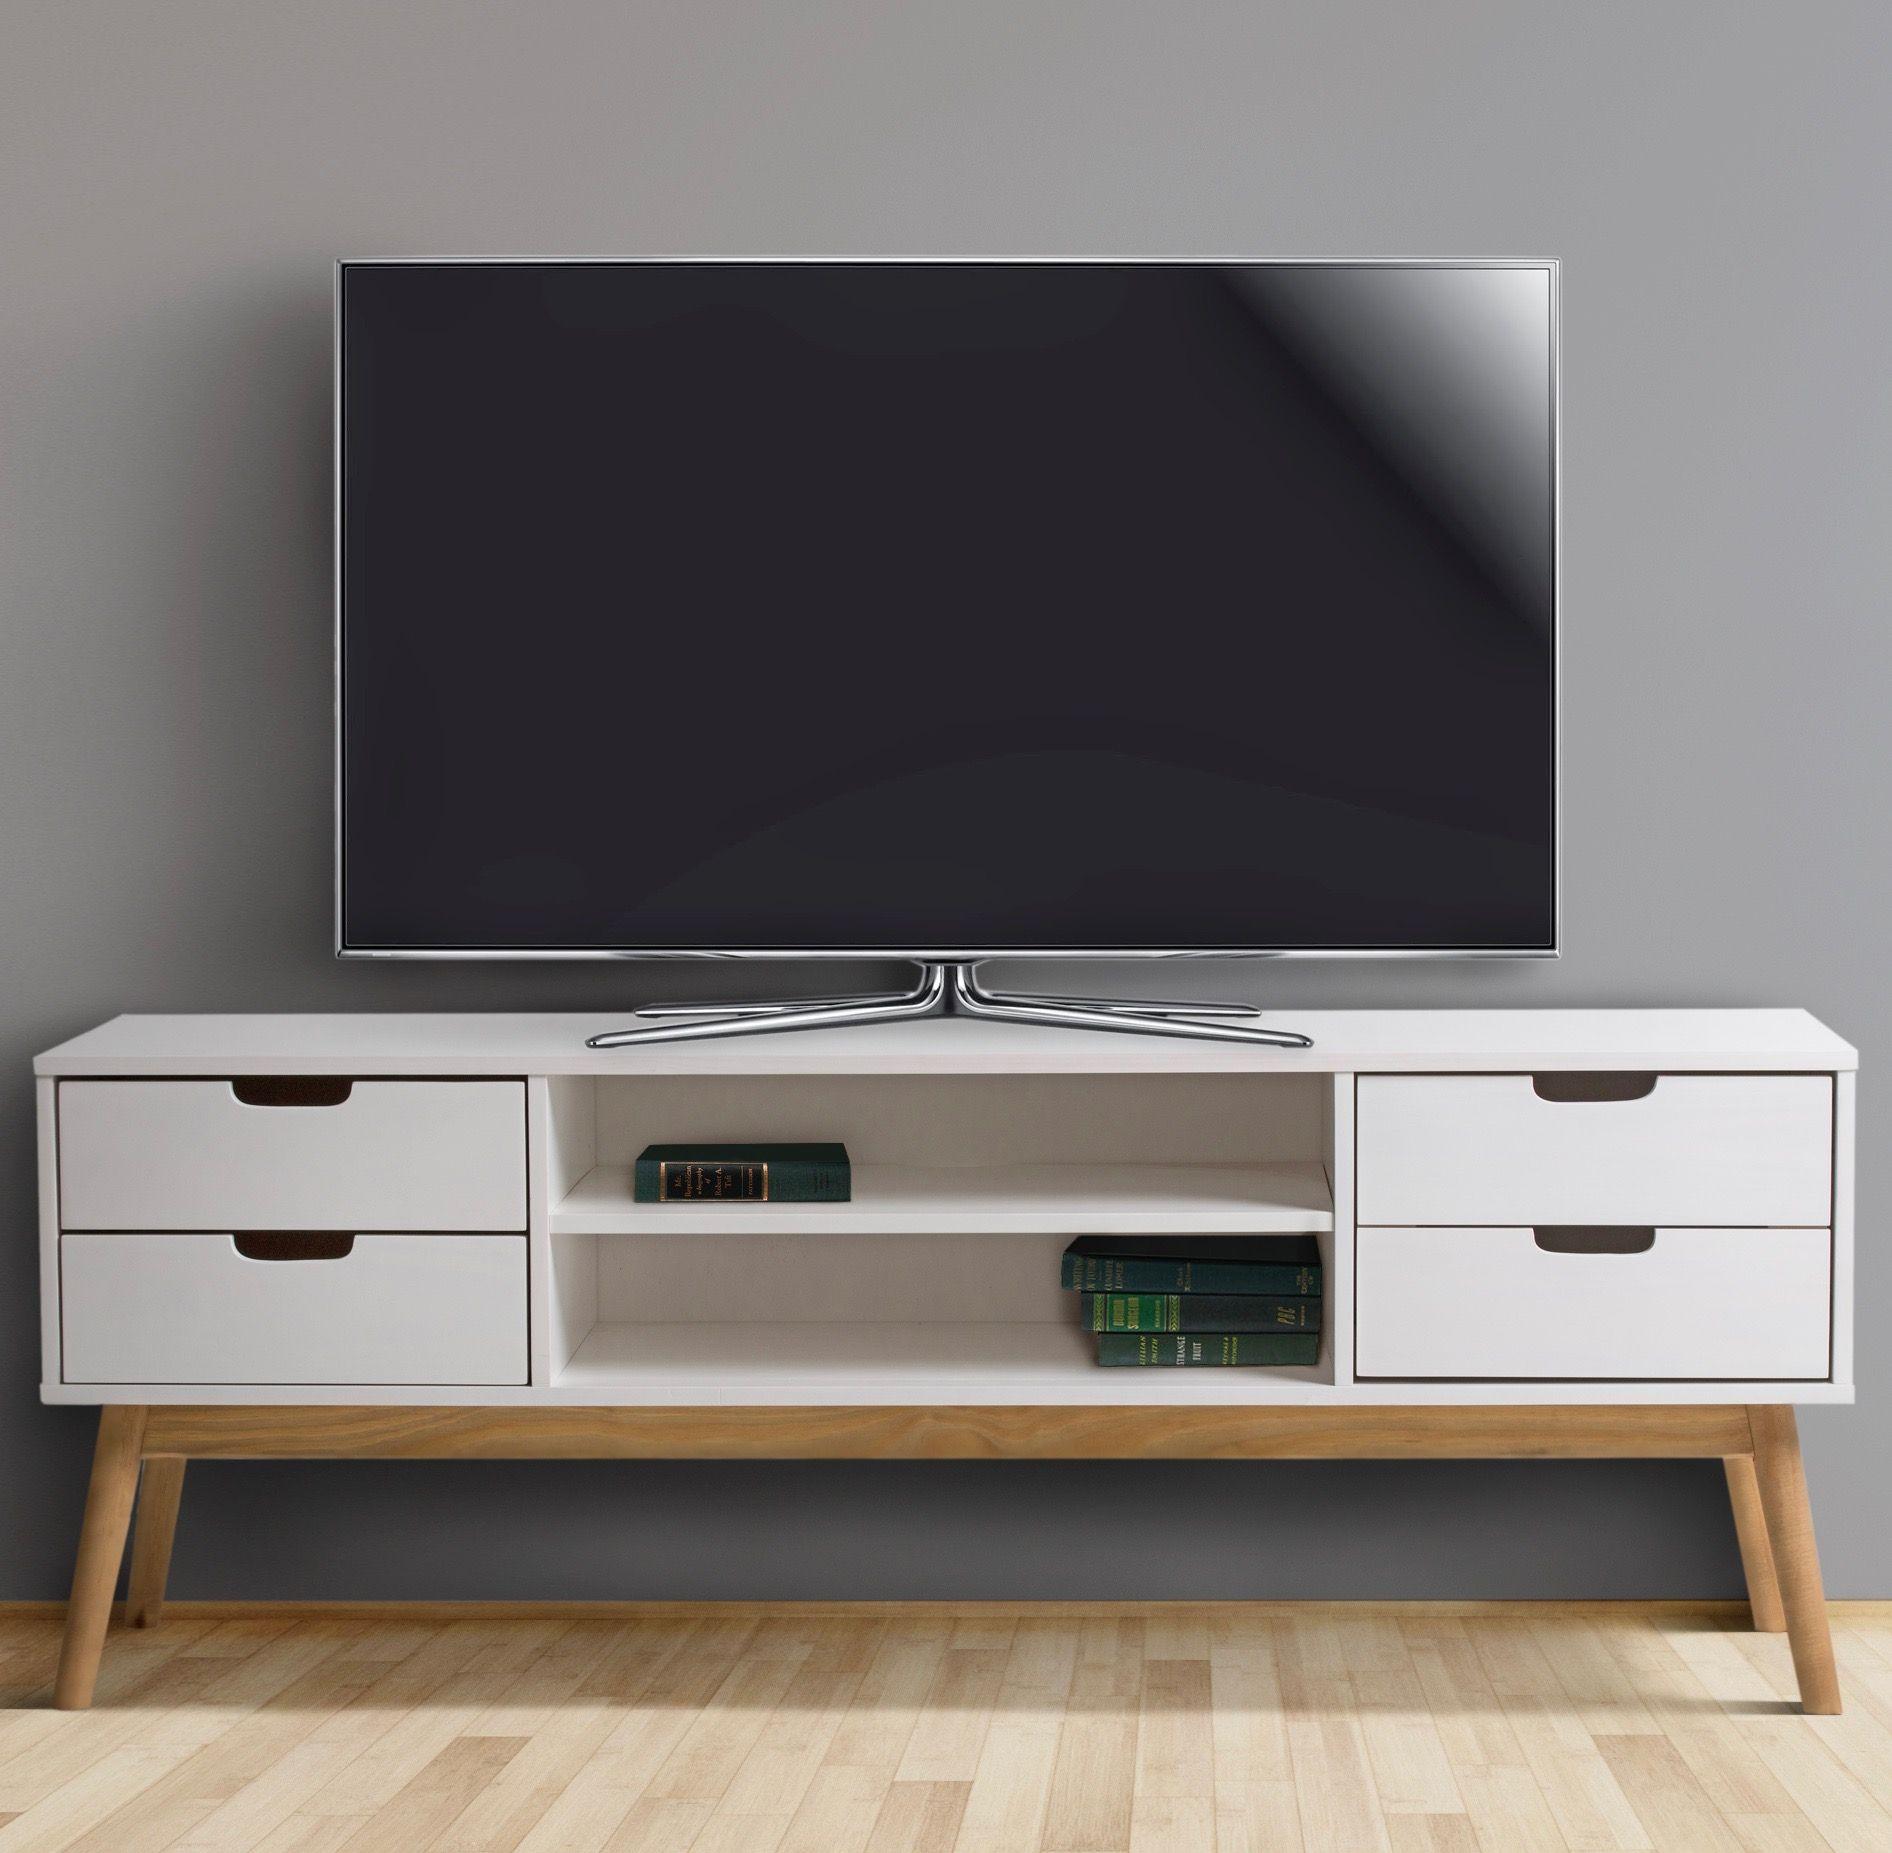 Meuble Tv Bobochic Paris Meuble Tv Blanc Maela En Bois Massif Meuble Blanc Avec Tiroir Ideale Pour Le R Living Room Wood Living Room Trends Solid Wood Cabinets